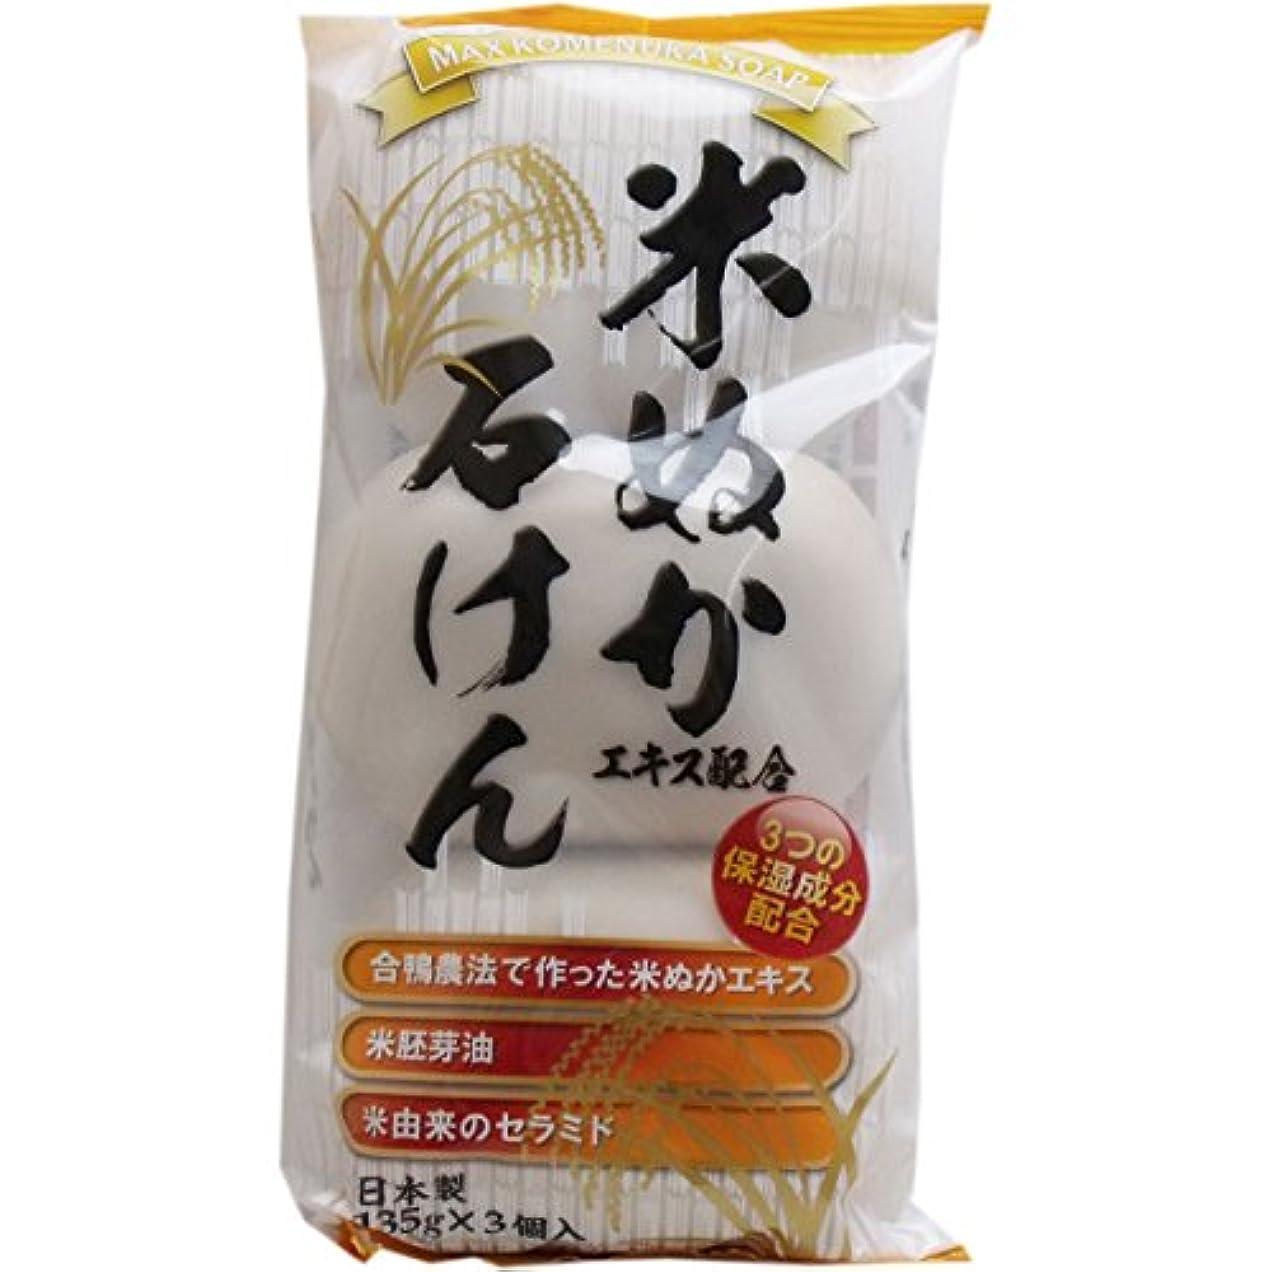 初期のアラート好きである【まとめ買い】米ぬかエキス配合石けん 3個入 ×2セット